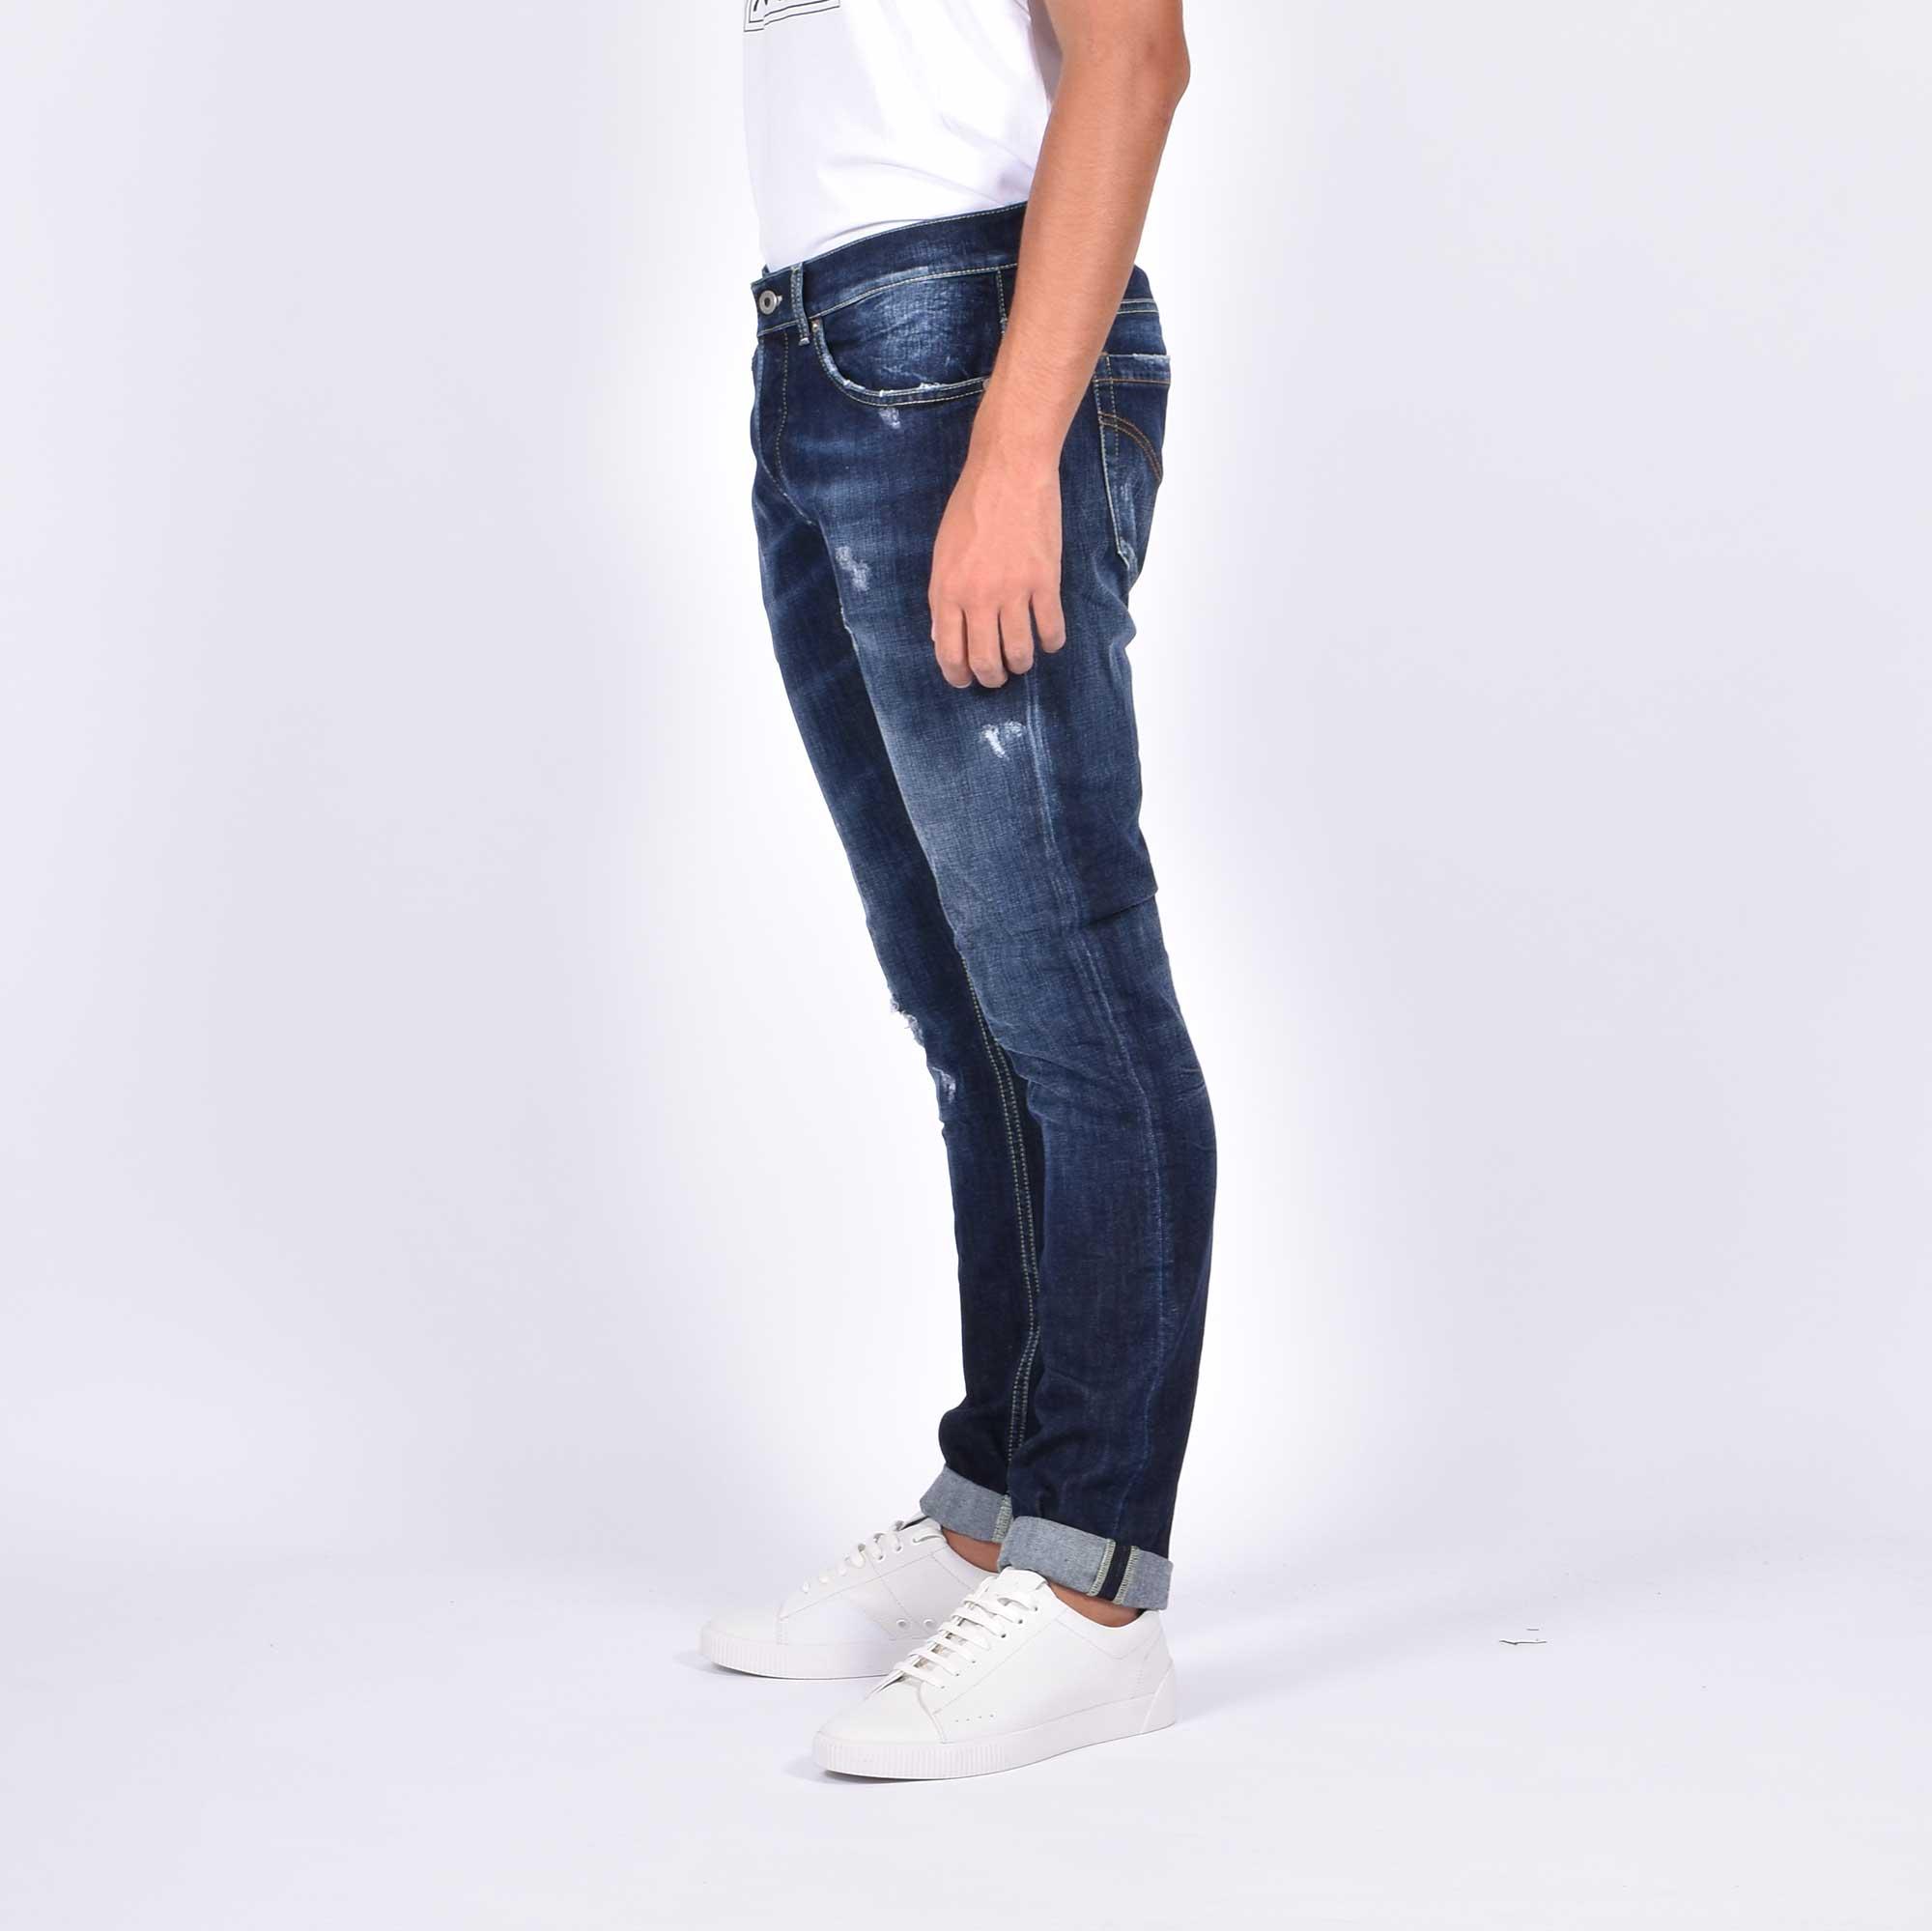 Jeans george strappo ginocchi - Denim scuro